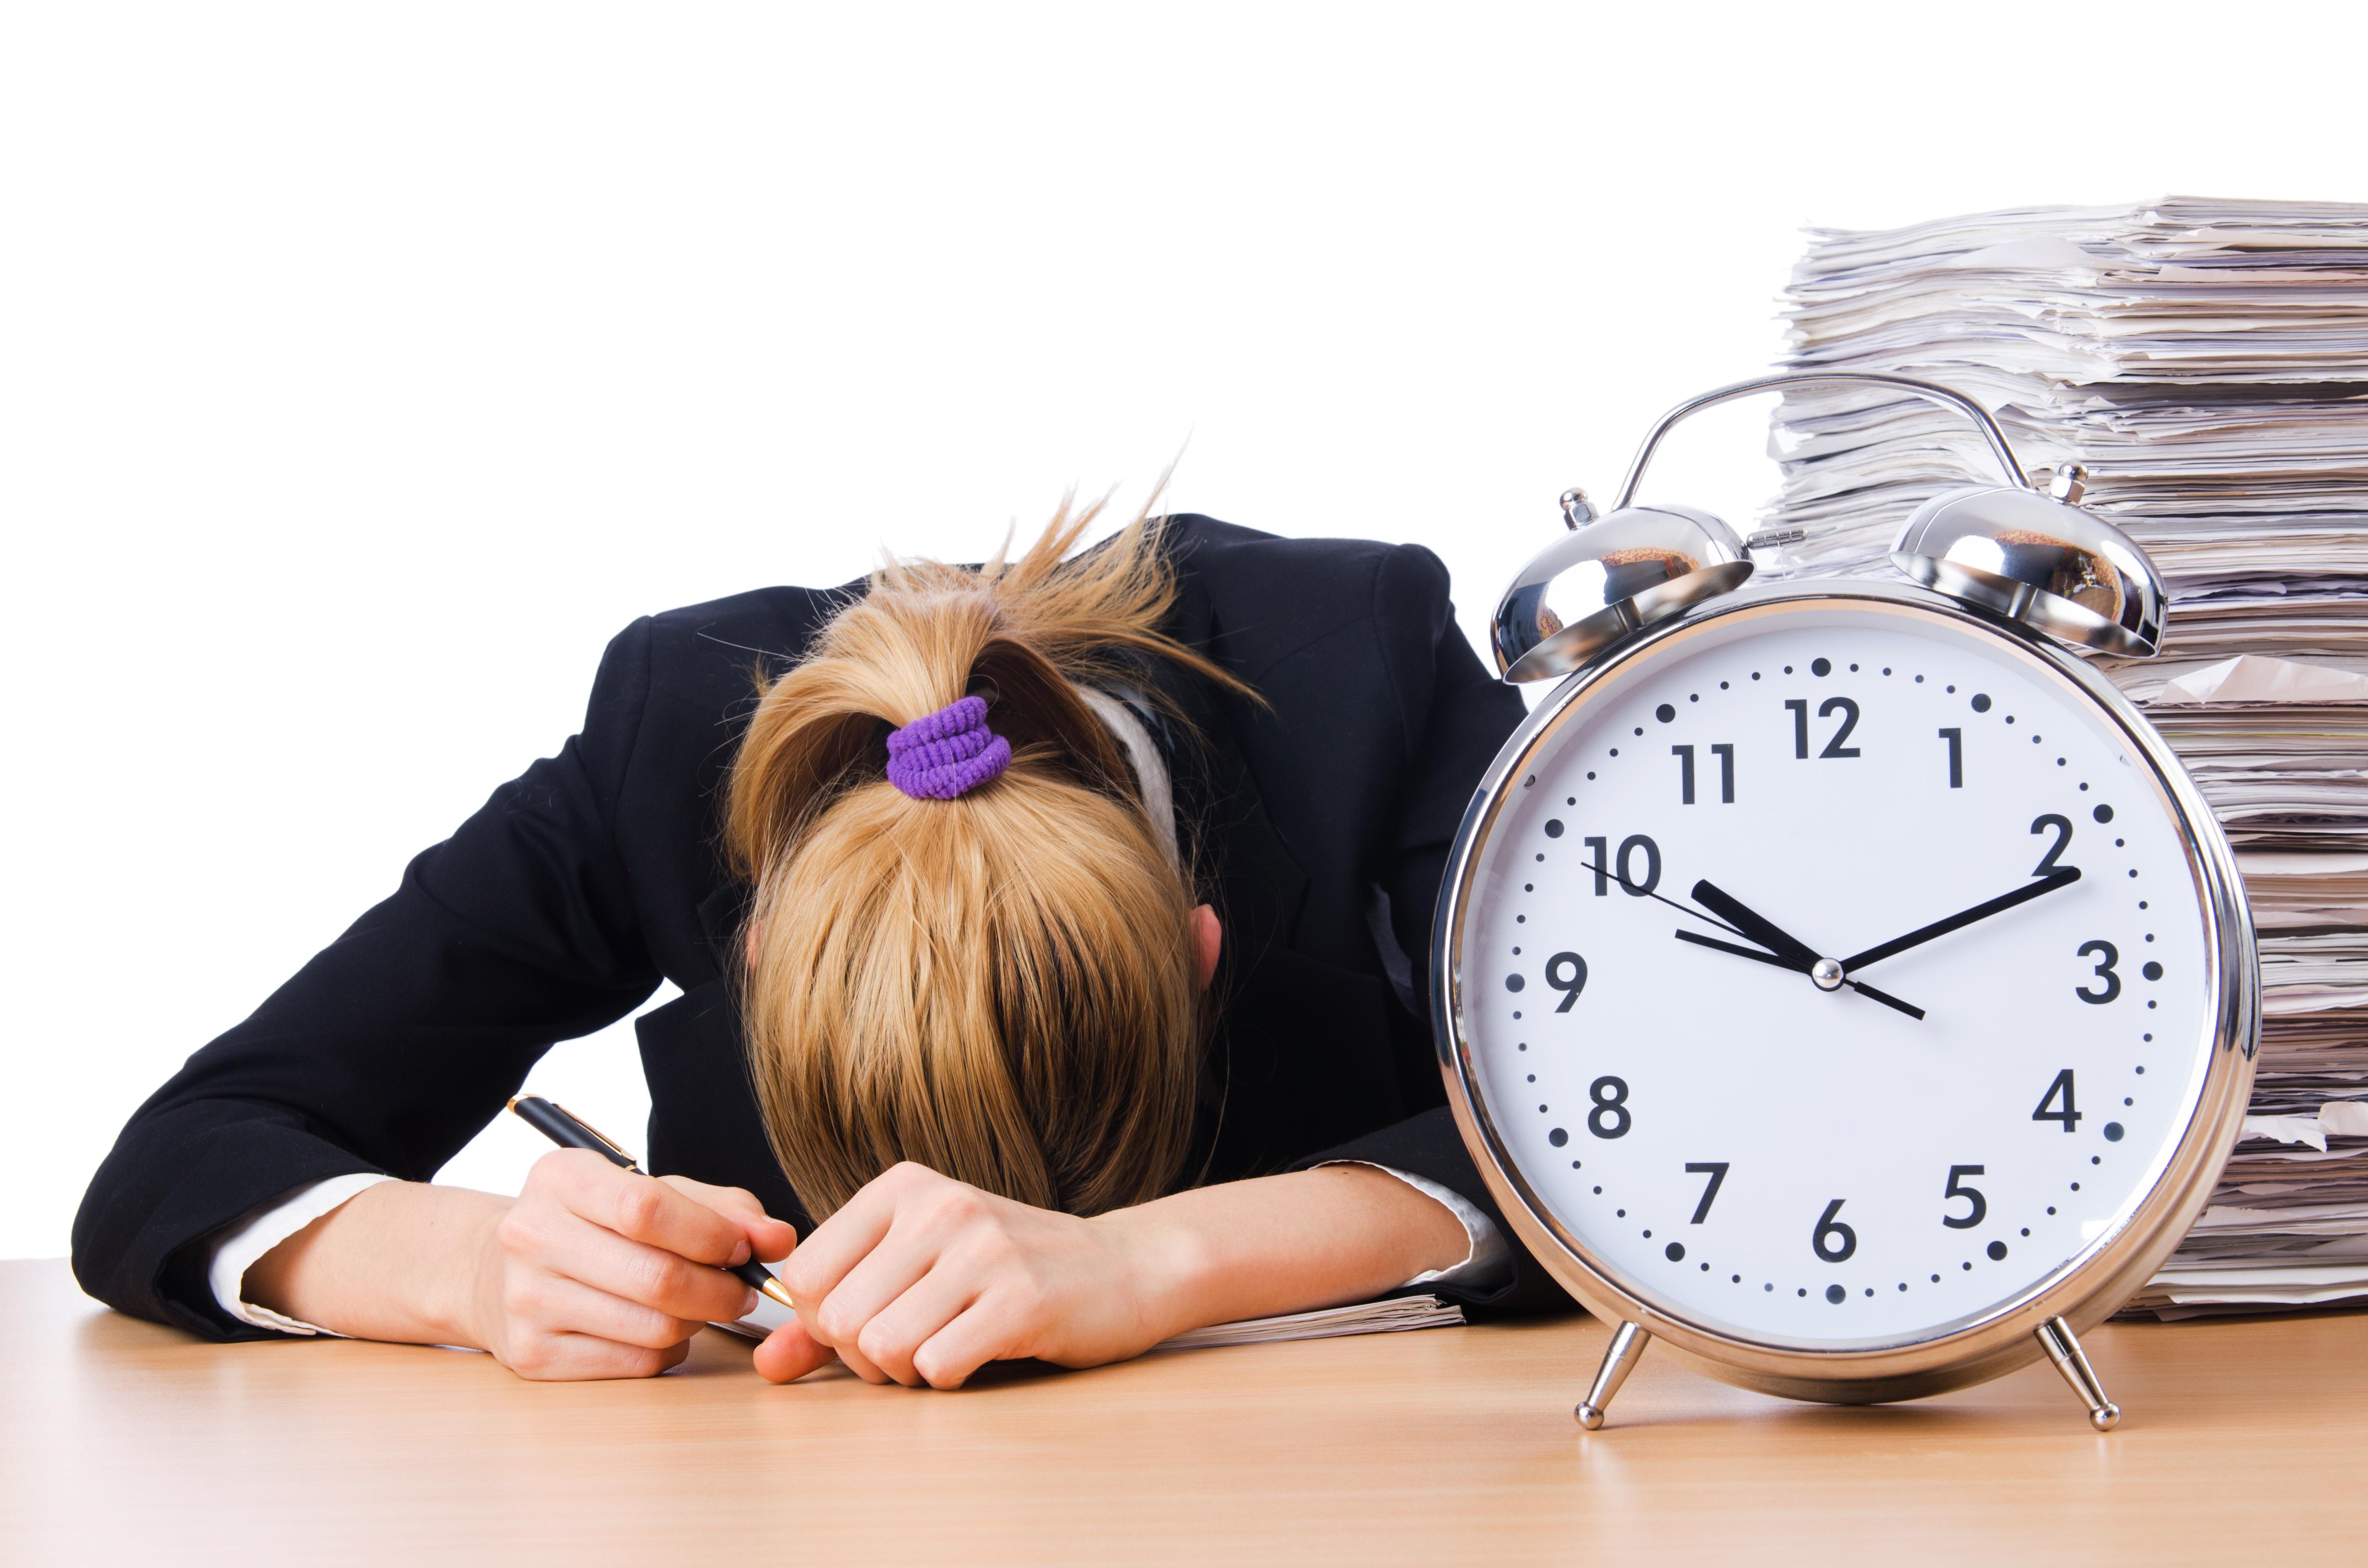 找到工作節奏,你必須丟掉上下班的鬧鐘